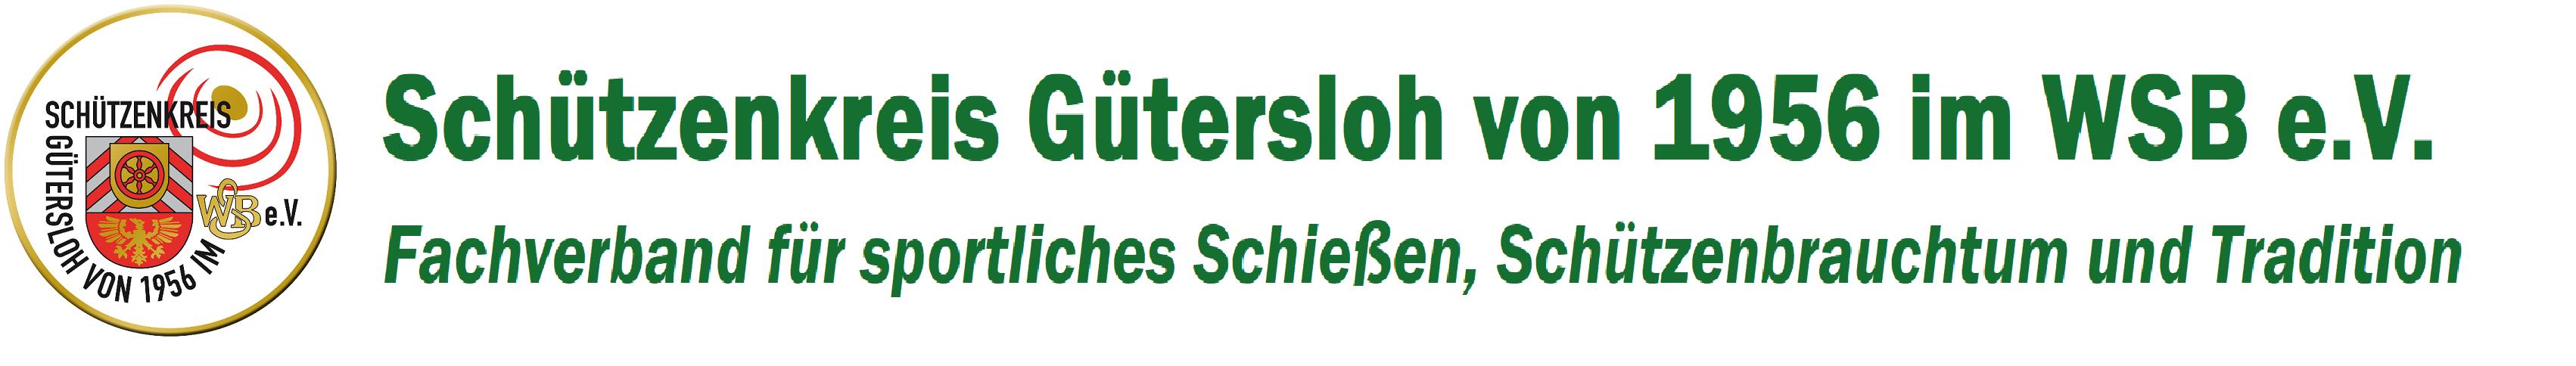 Schützenkreis Gütersloh von 1956 im WSB e.V.